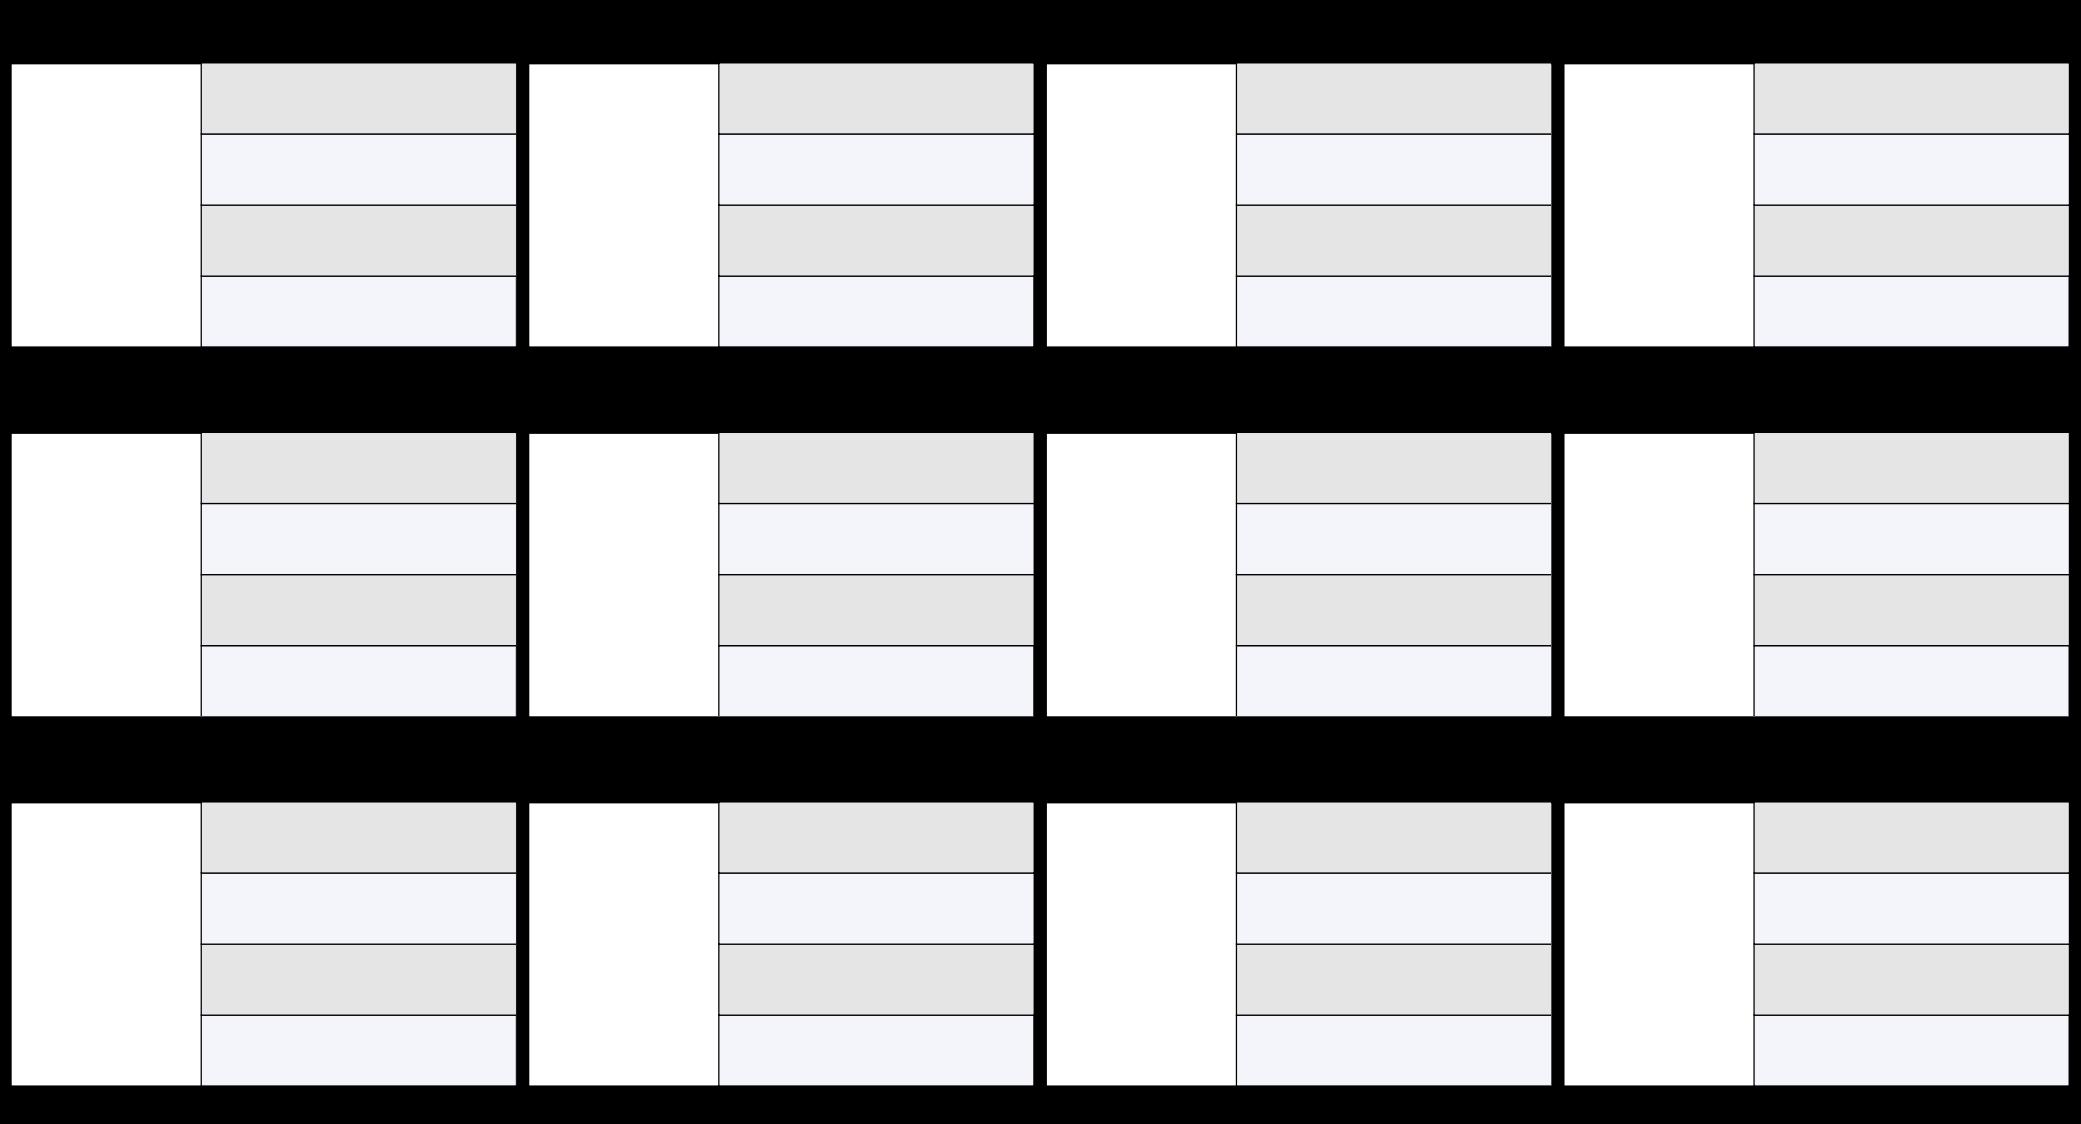 Hartă de caractere 16x9 4 Câmpuri